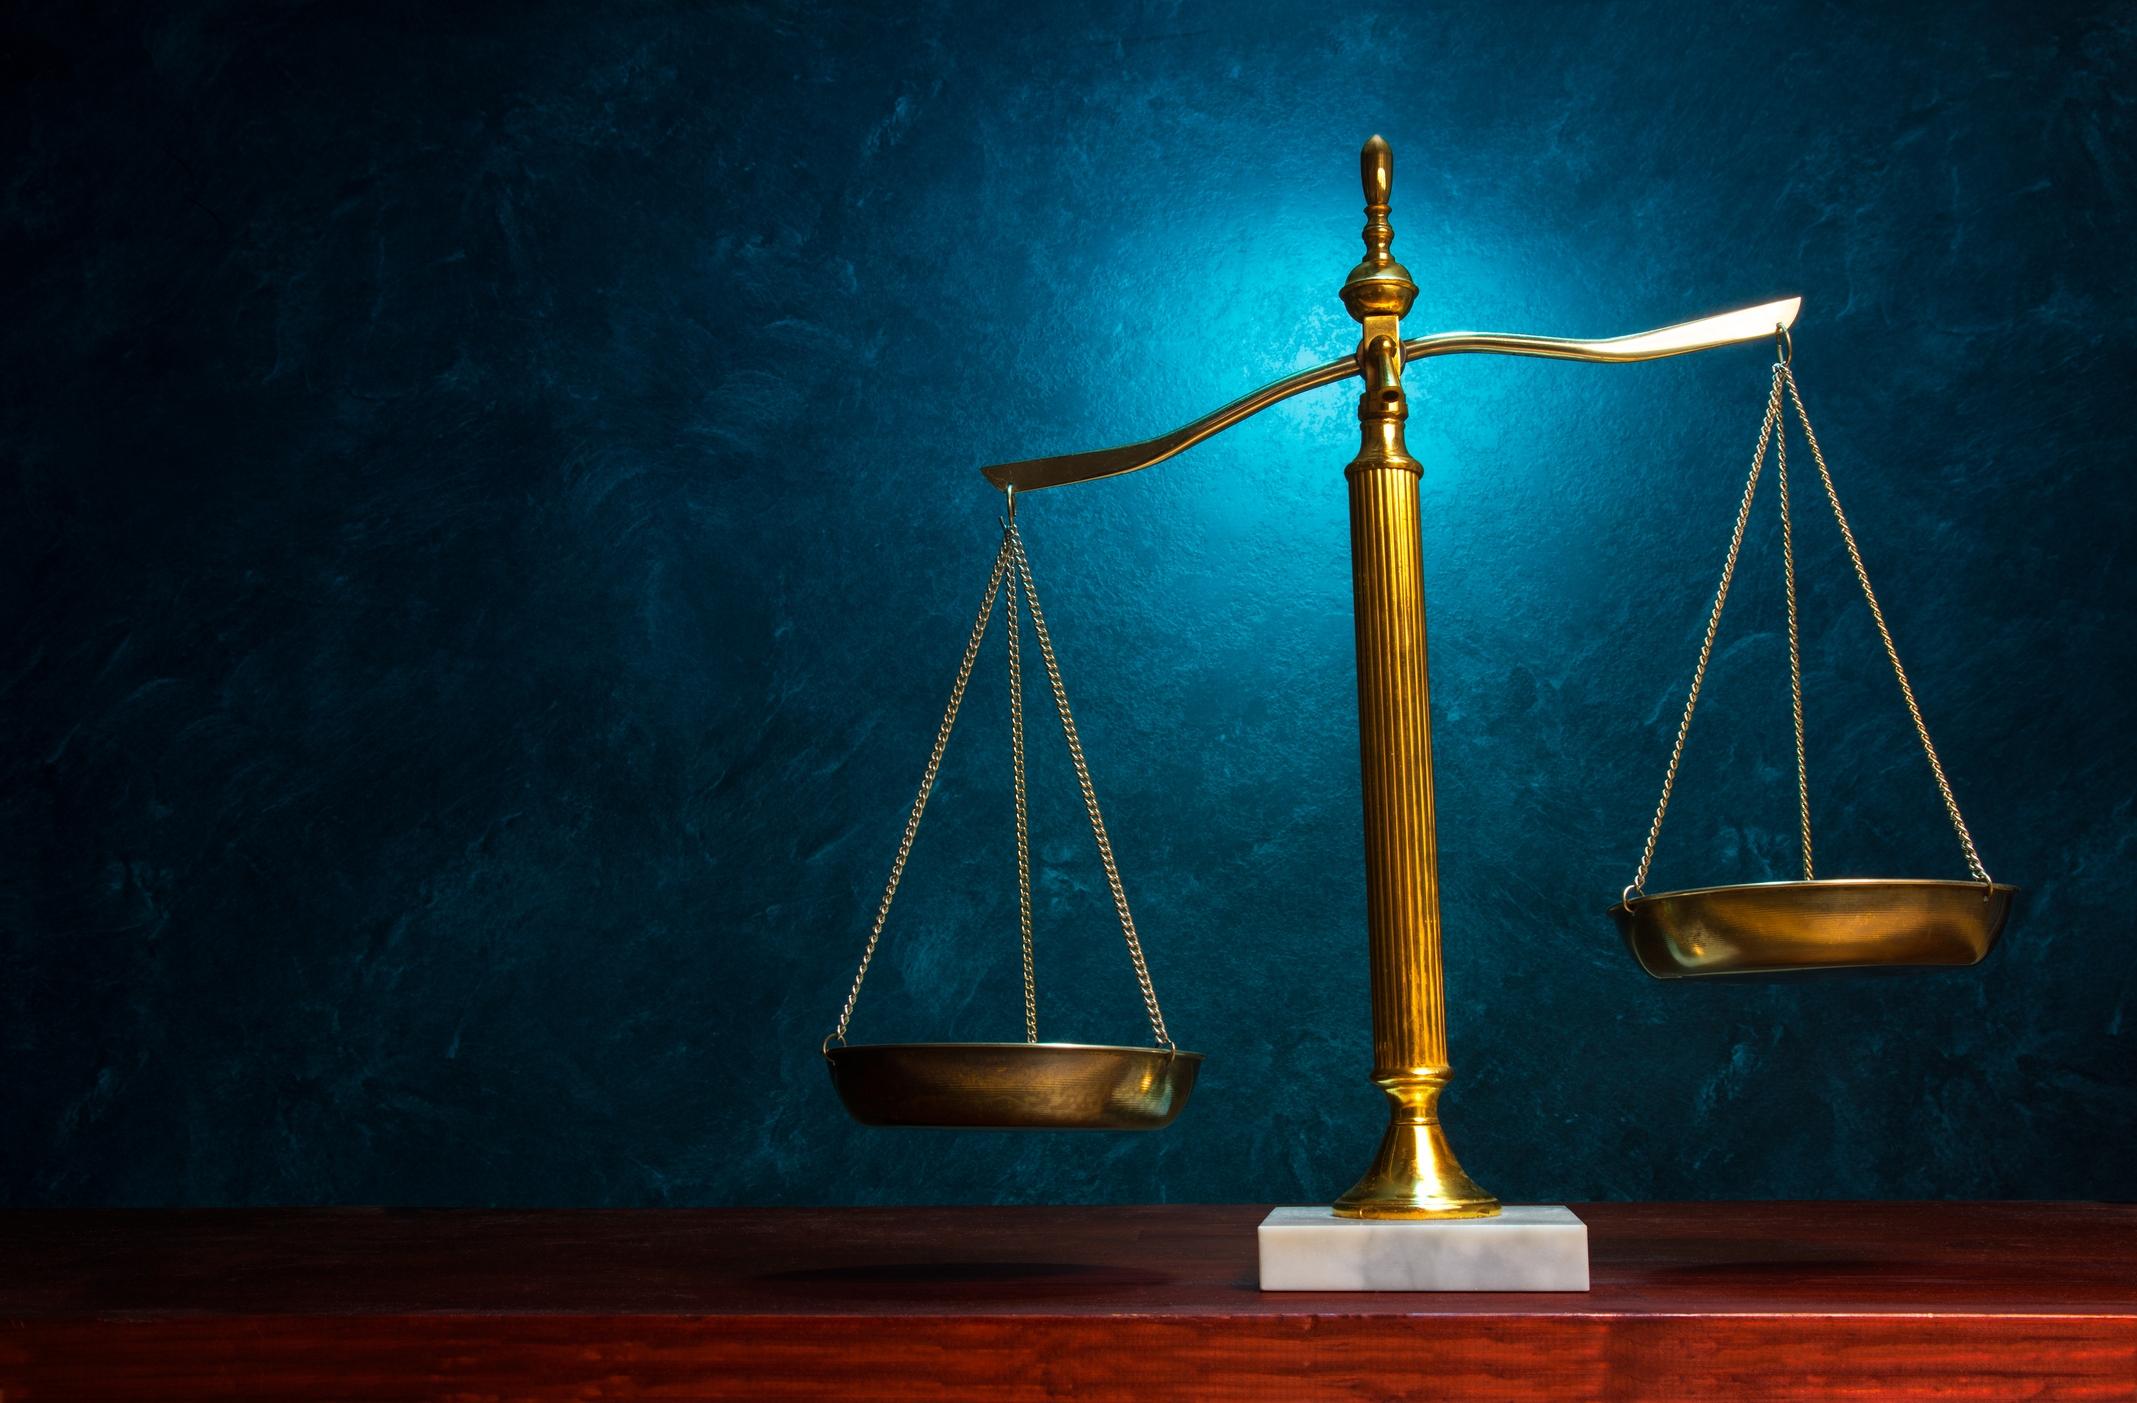 Le priorità della giustizia per accelerare i tempi del processo sono le risorse: assumete gli assistenti giudiziari